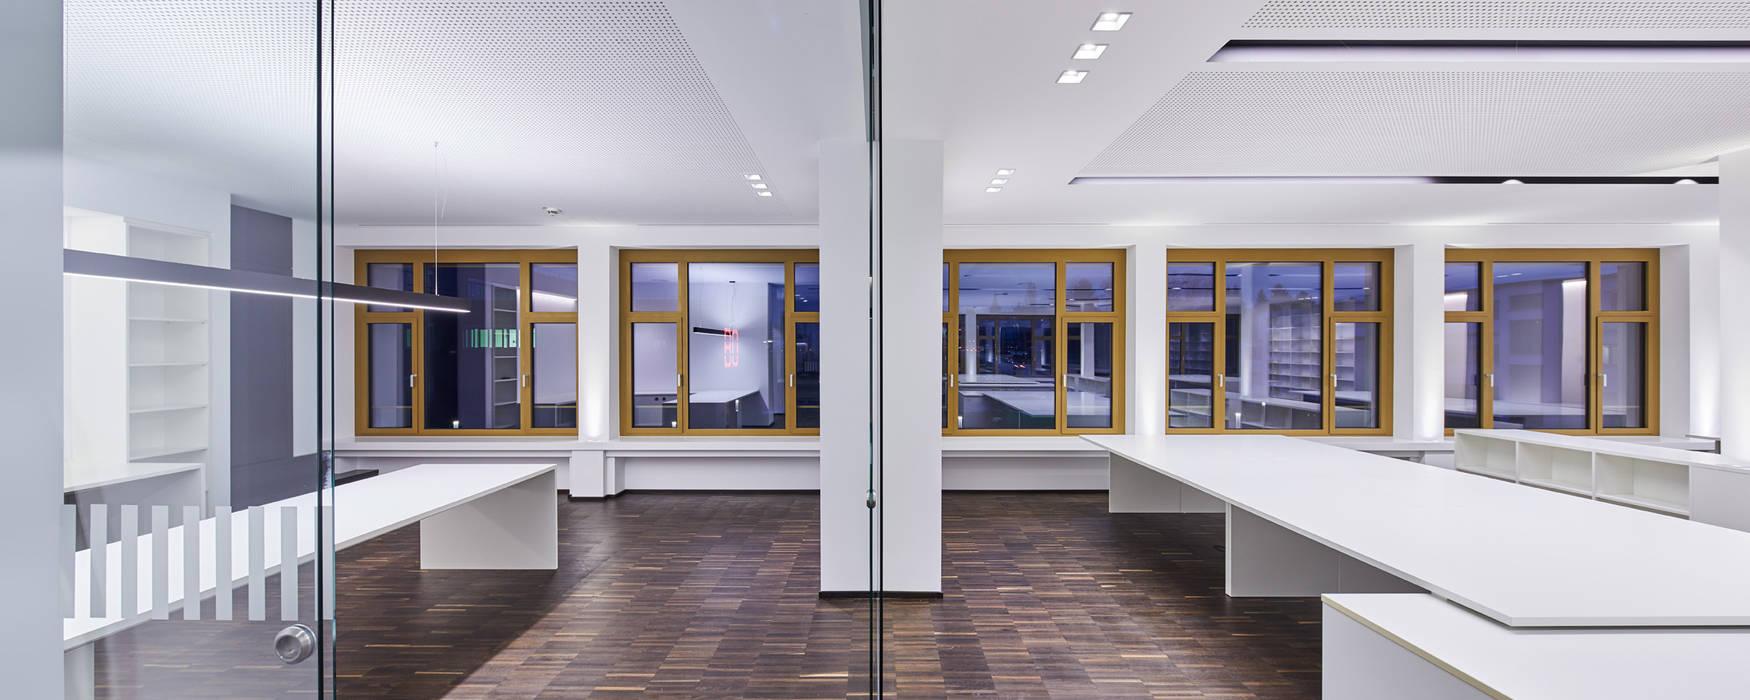 Schreinerei Fischbach windows & doorsschreinerei fischbach gmbh & co. kg   homify